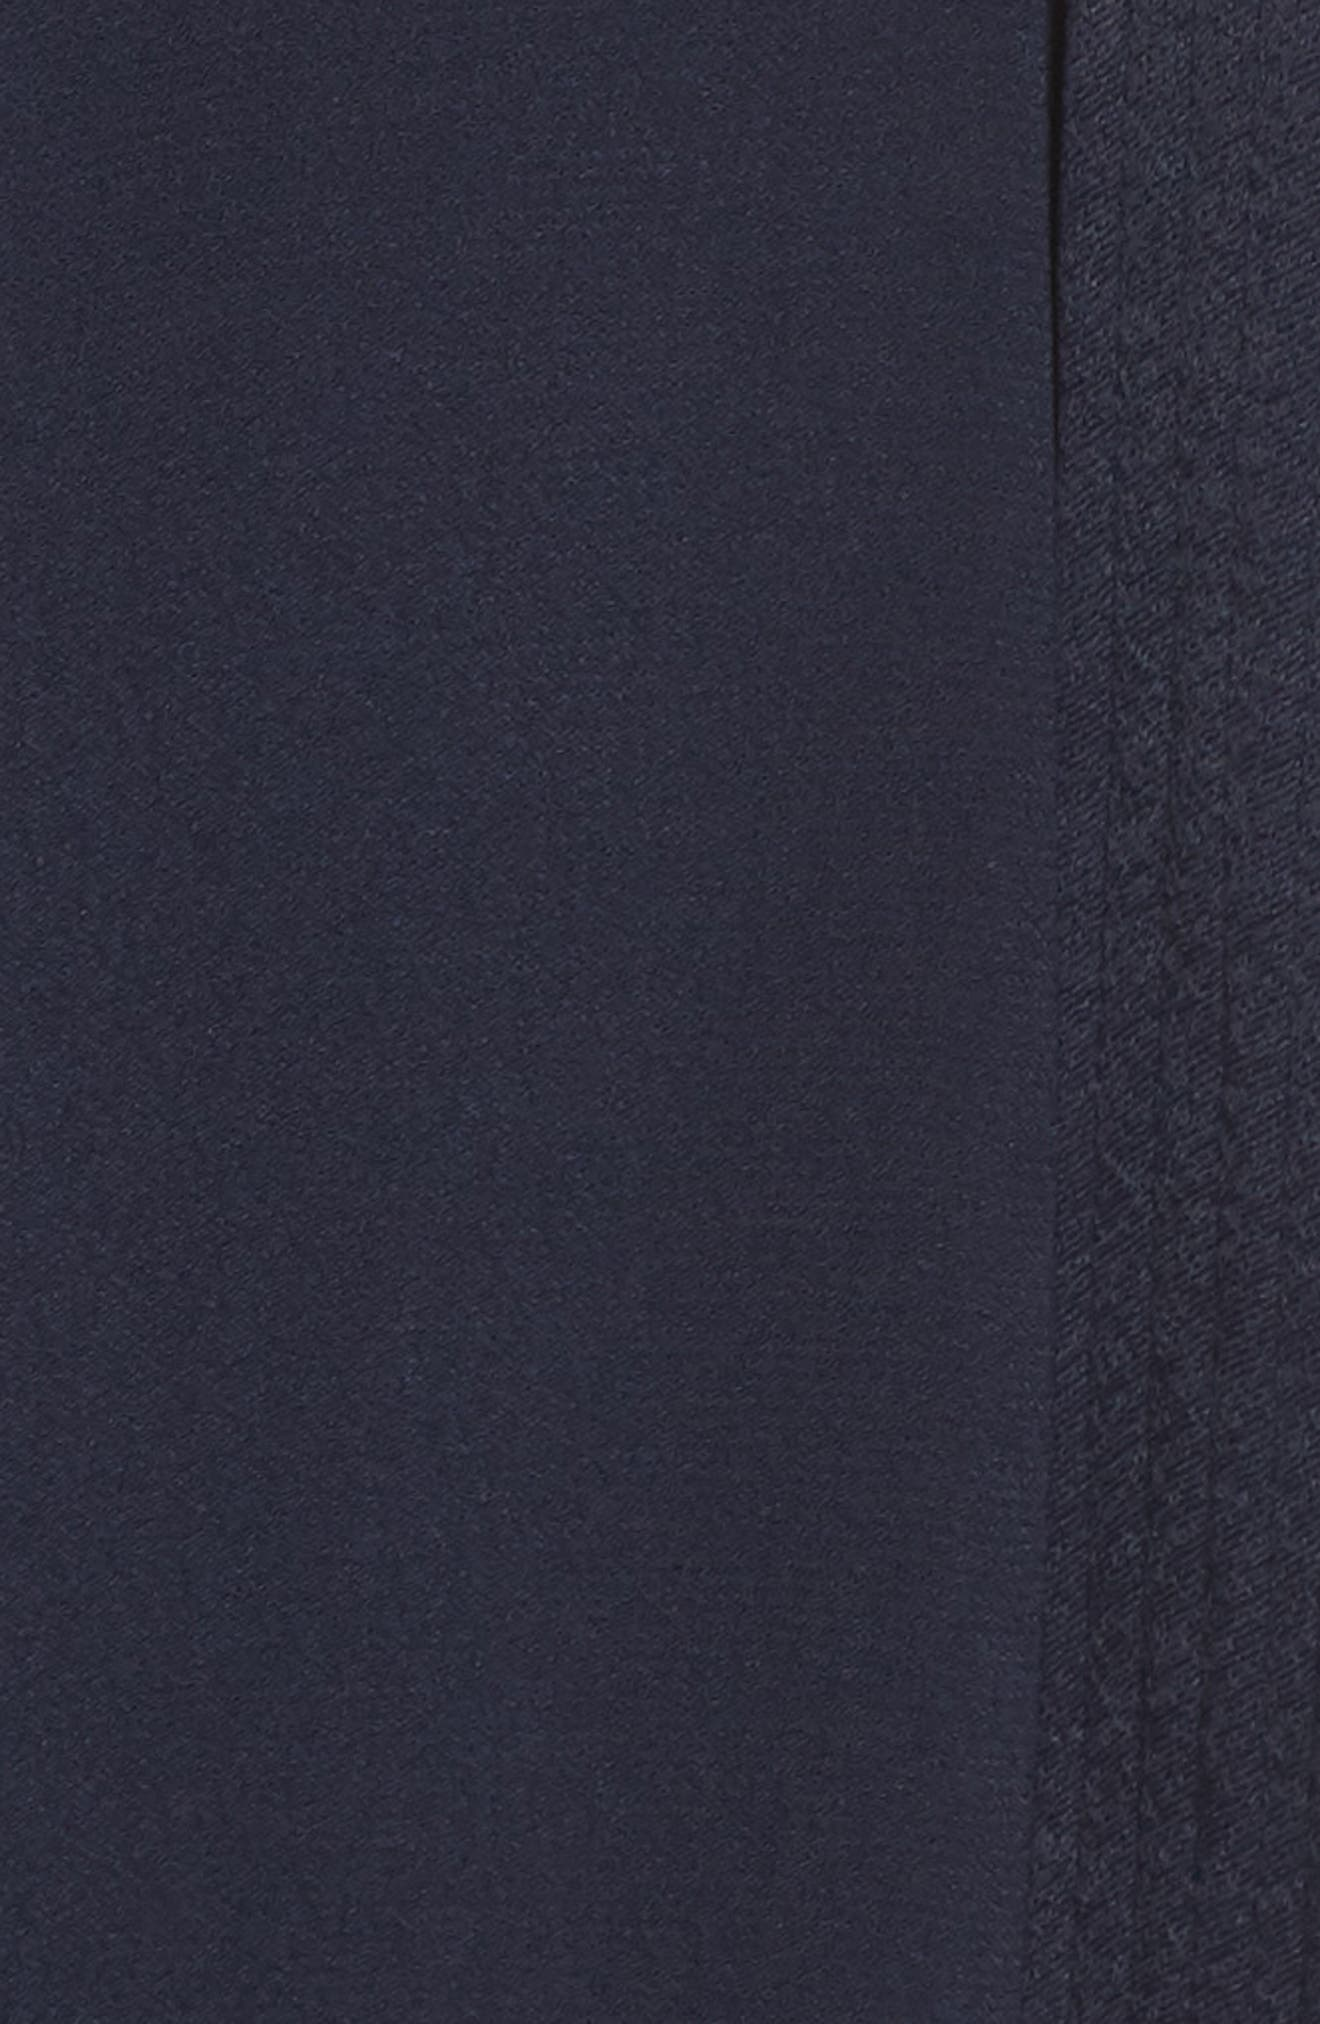 Surplice Jumpsuit,                             Alternate thumbnail 6, color,                             NAVY